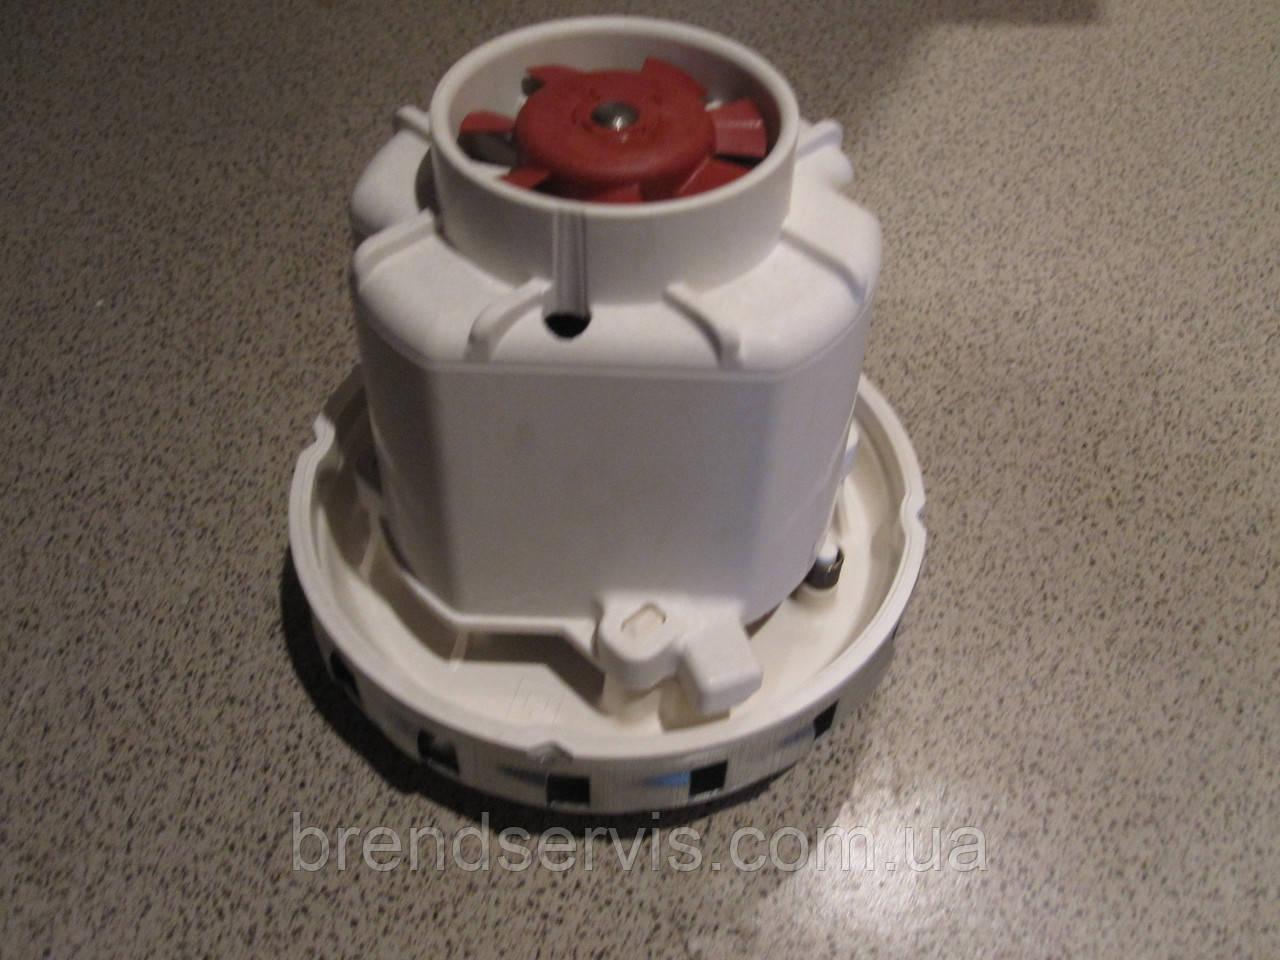 Мотор для пылесоса Bosch, фото 1